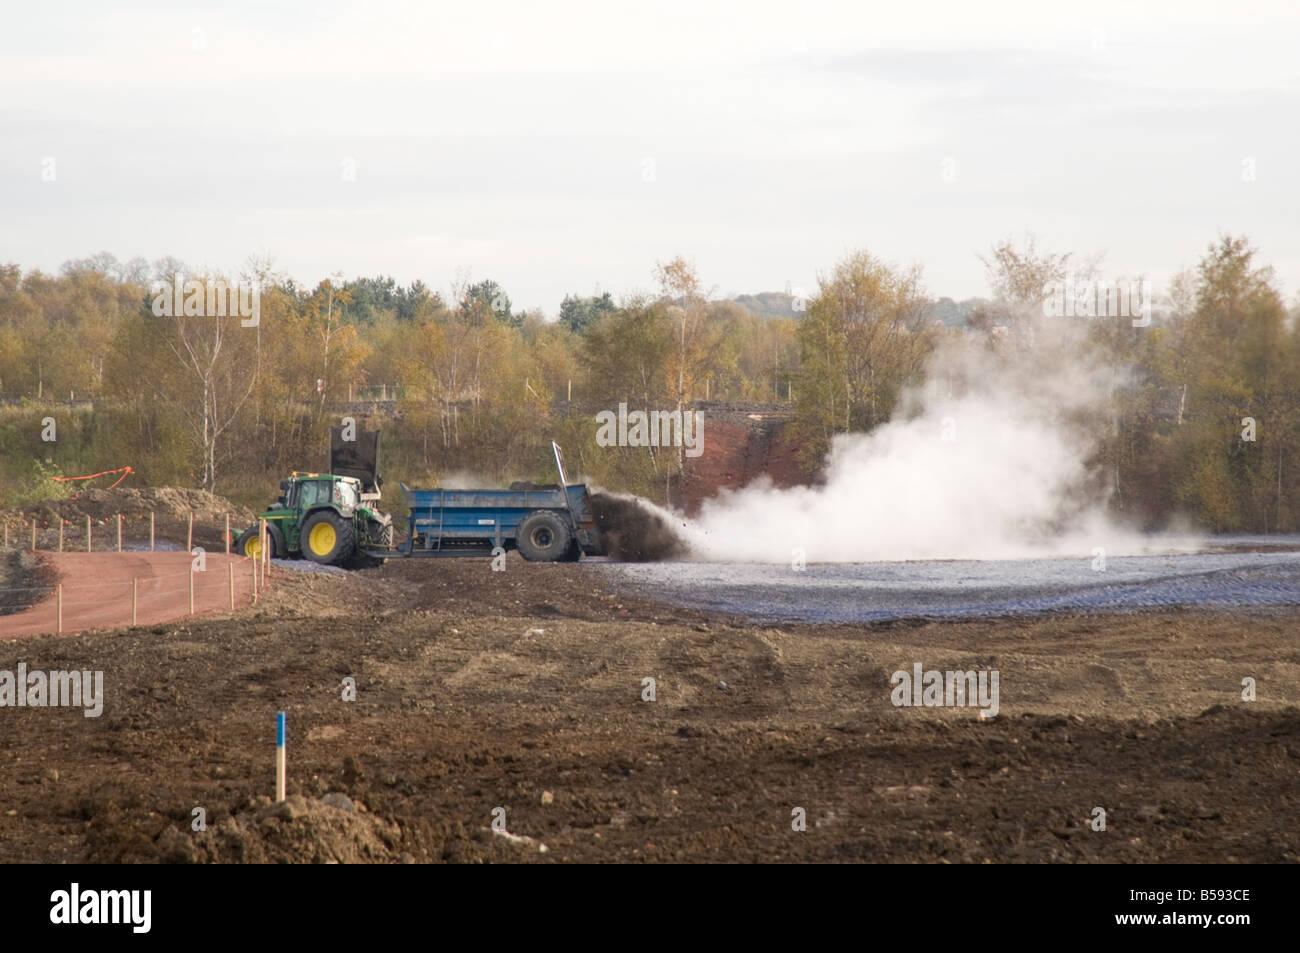 Kalk Kalken Dunger Boden Verjungung Zu Verbreiten Stockfoto Bild